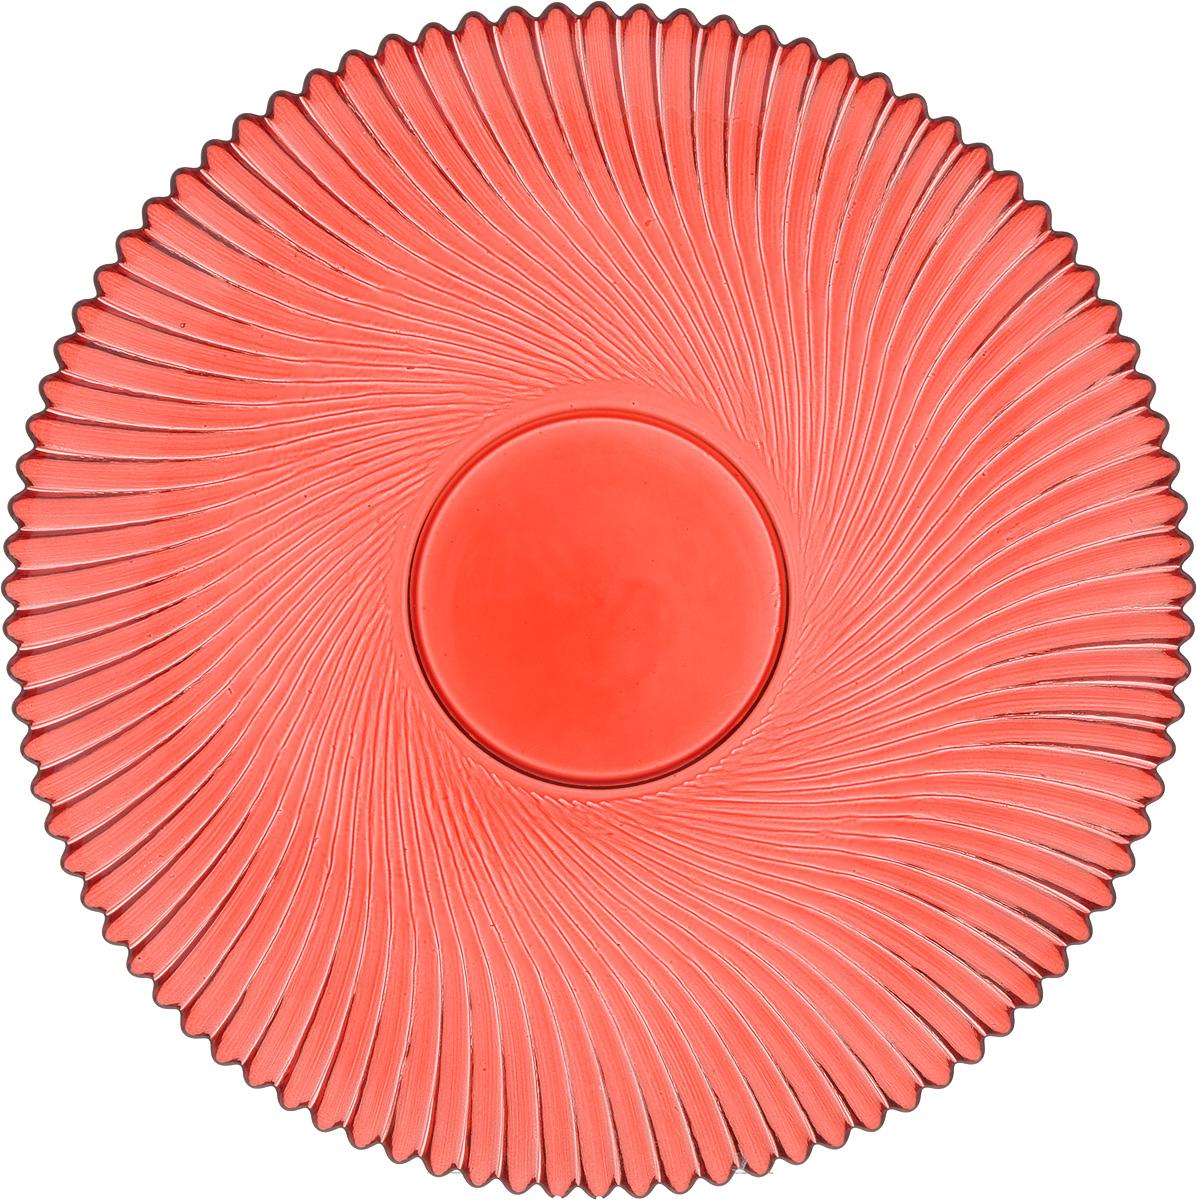 Тарелка NiNaGlass Альтера, цвет: рубиновый, диаметр 21 смVT-1520(SR)Тарелка NiNaGlass Альтера выполнена из высококачественного стекла и оформлена красивым рельефным узором. Тарелка идеальна для подачи вторых блюд, а также сервировки закусок, нарезок, десертов и многого другого. Она отлично подойдет как для повседневных, так и для торжественных случаев.Такая тарелка прекрасно впишется в интерьер вашей кухни и станет достойным дополнением к кухонному инвентарю.